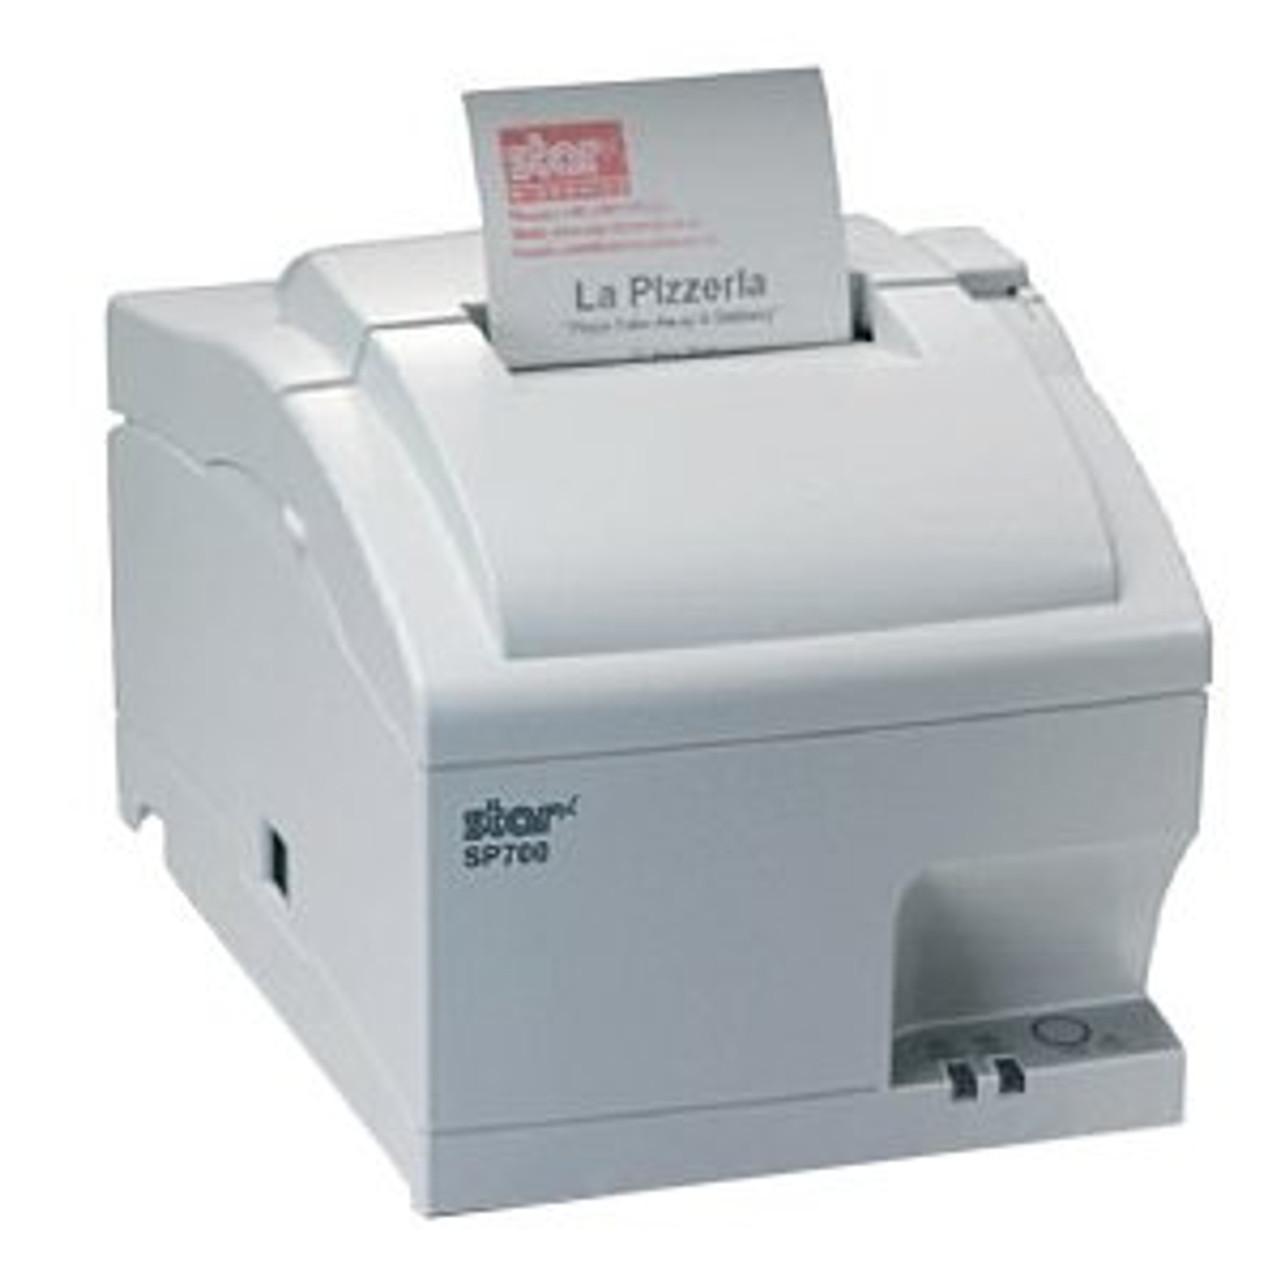 Star SP700 POS Impact Printer